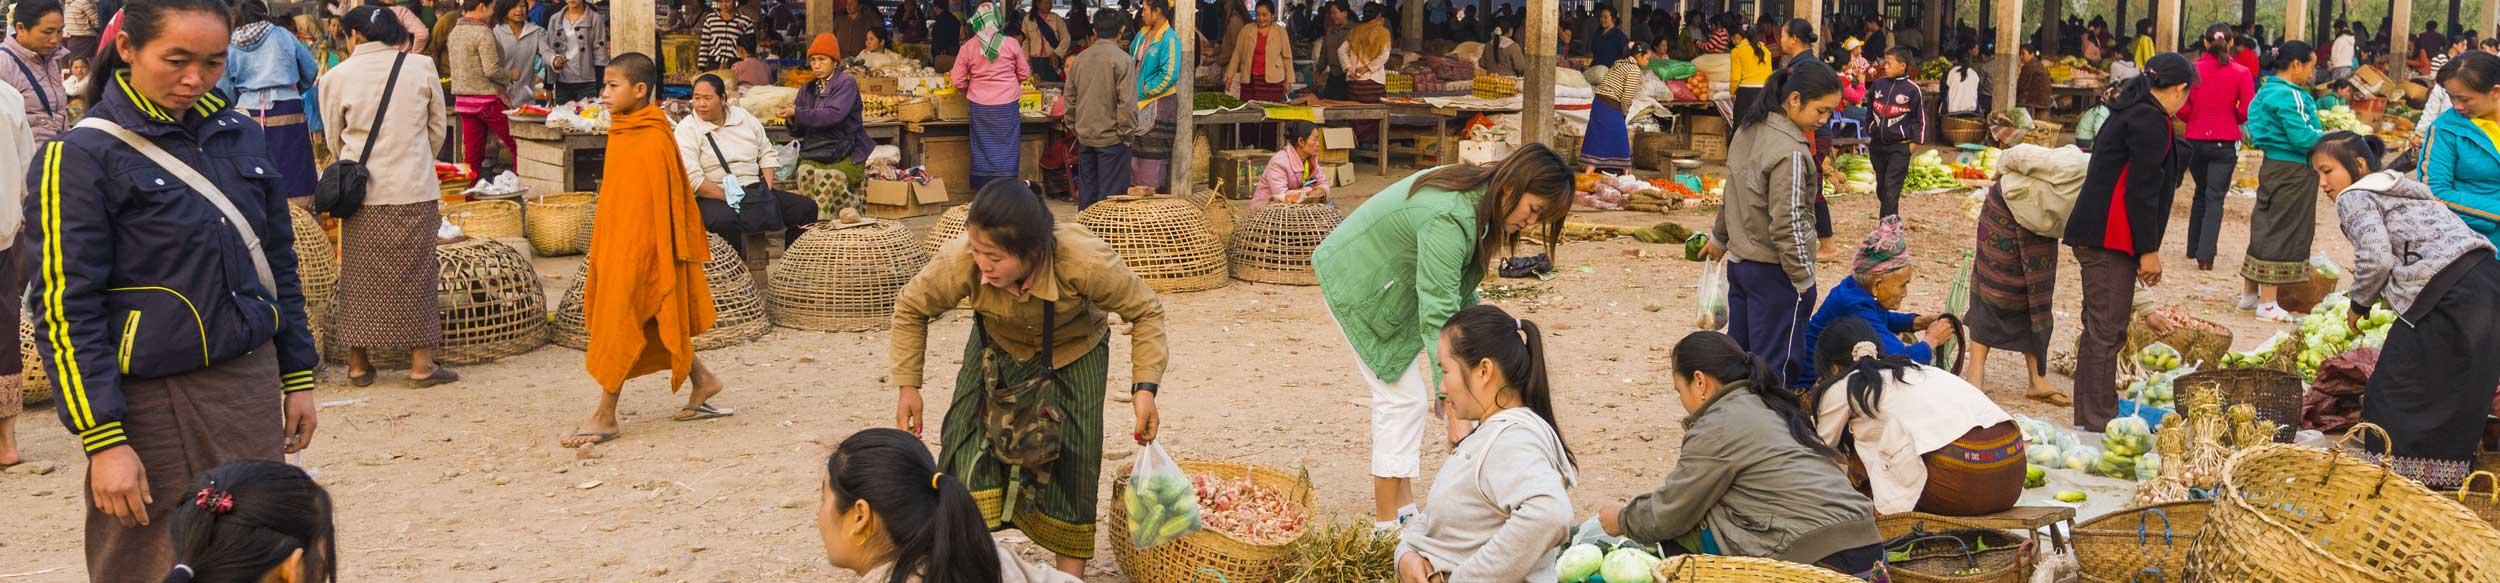 Marché de Muang Sing